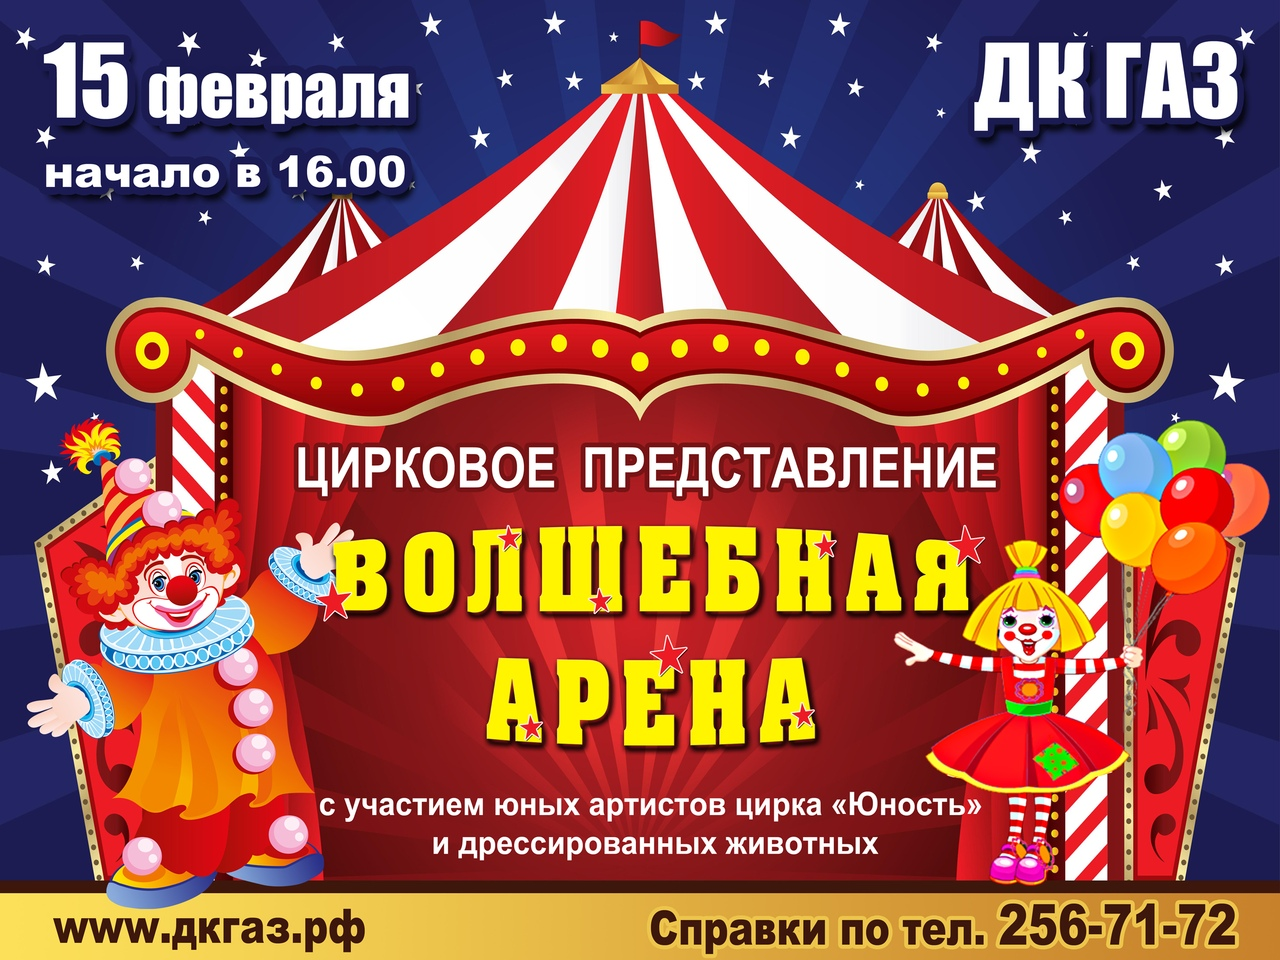 цирковое представление Волшебная арена